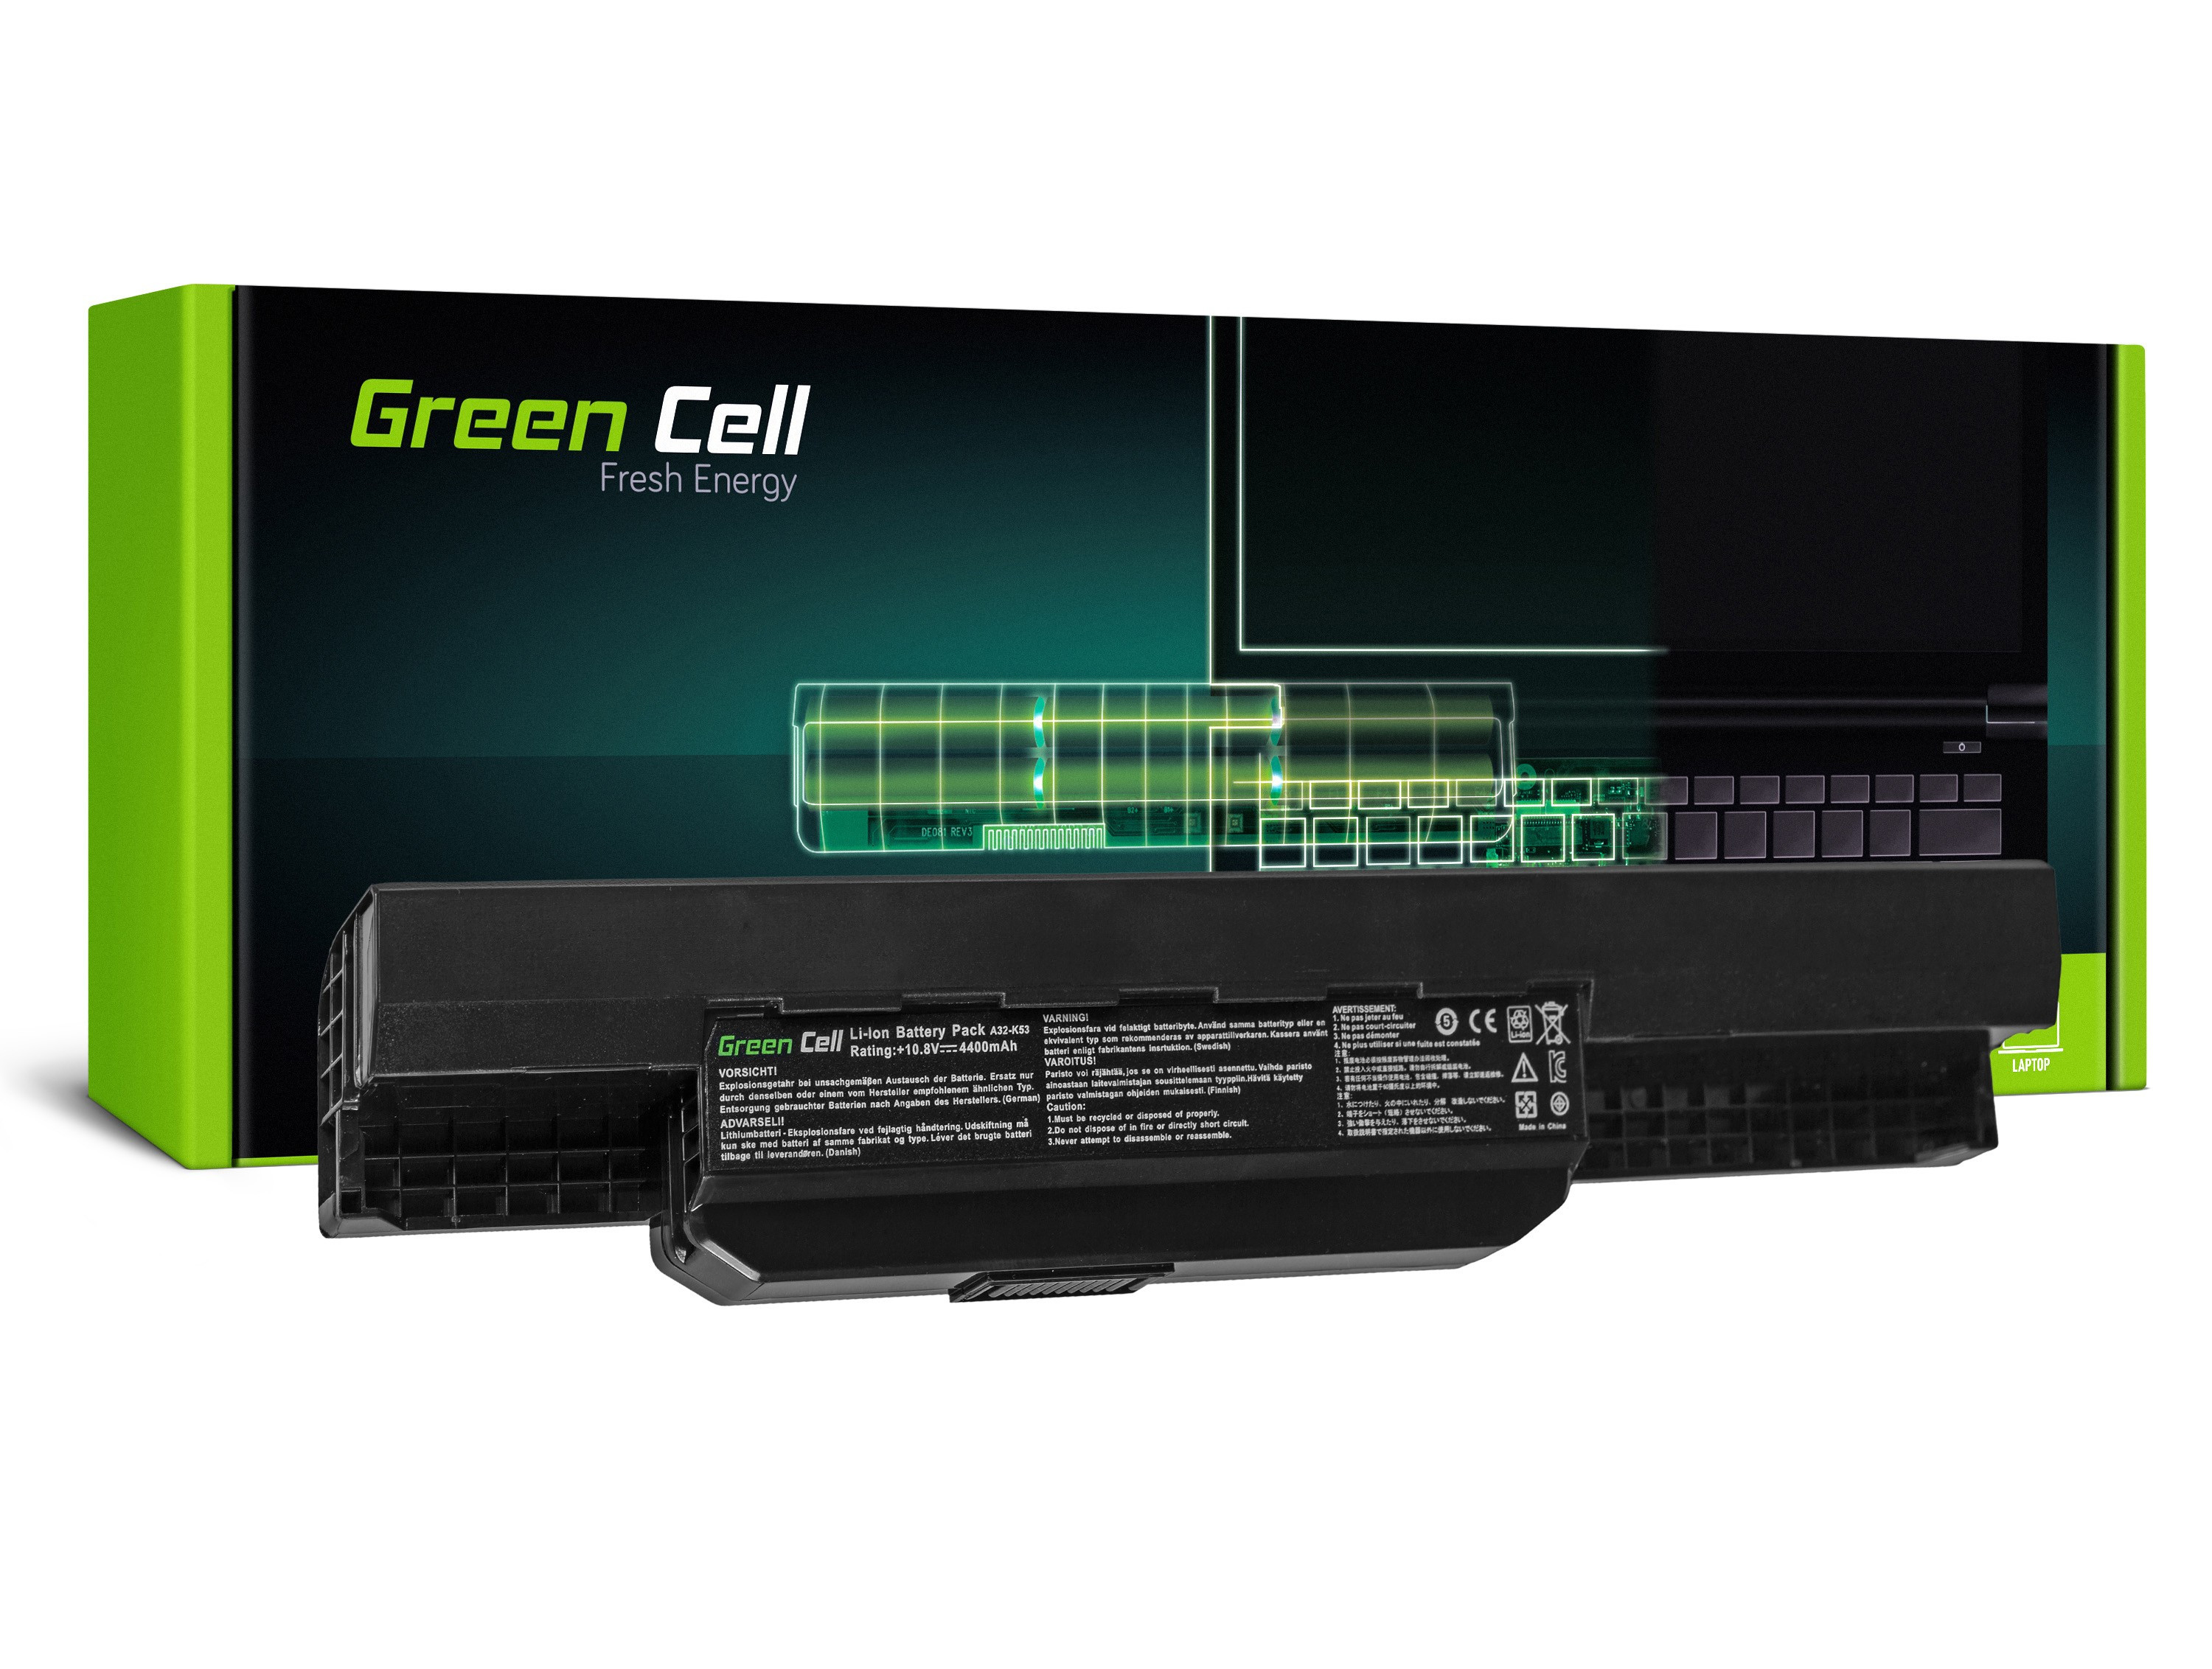 Green Cell AS04 Baterie Asus K53/K53E/K53S/K53SV/X53/X53S/X53U/X54/X54C/X54H 4400mAh Li-ion - neoriginální